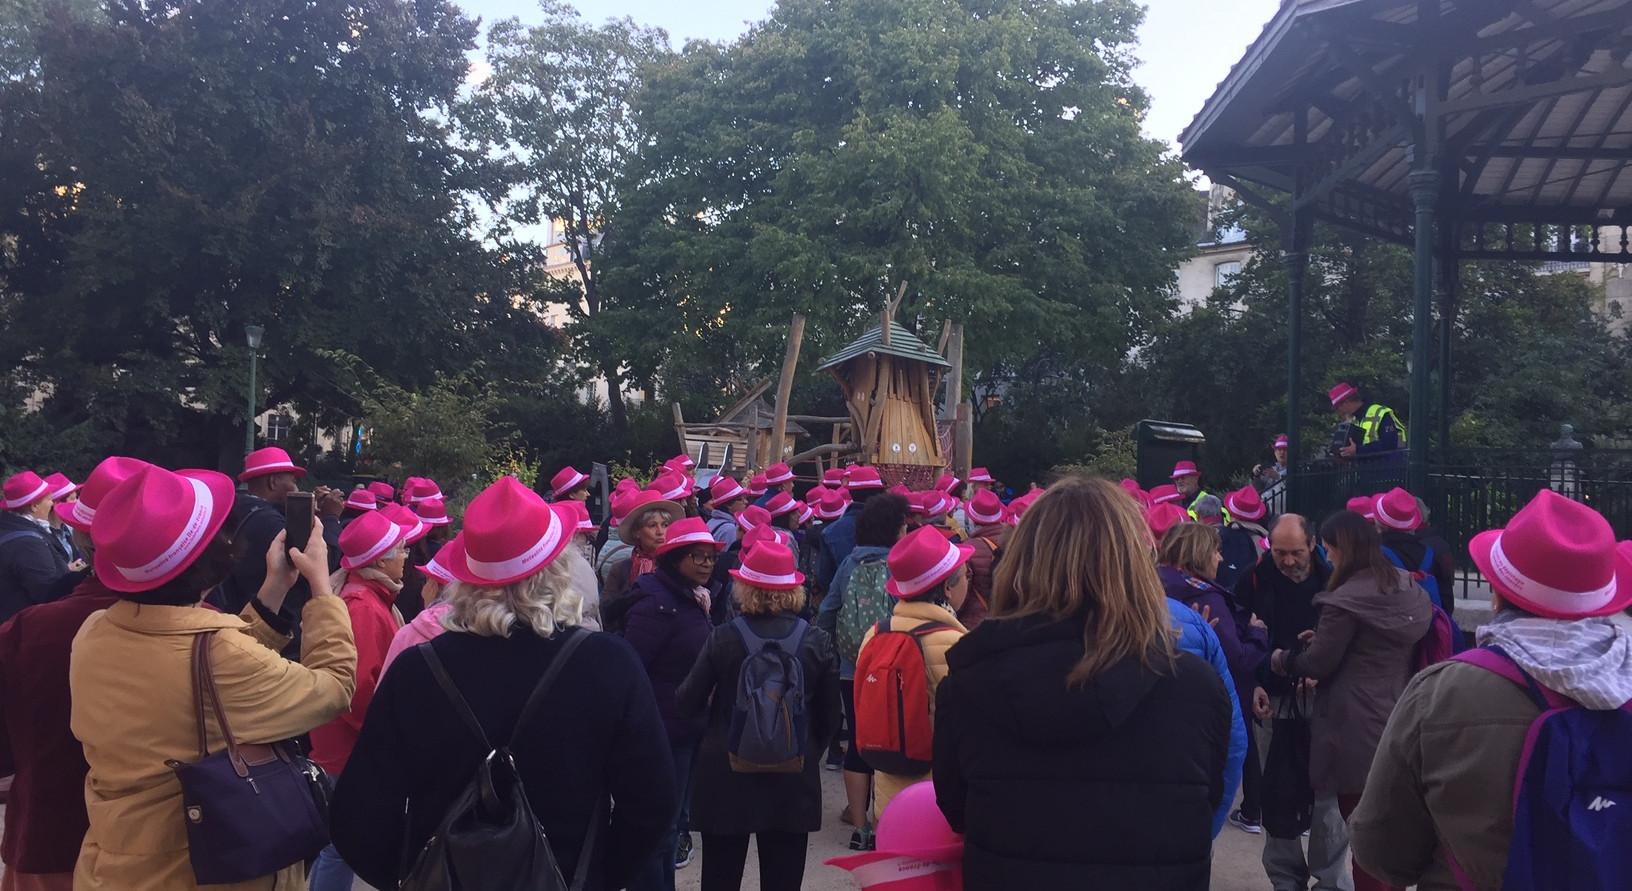 Comme chaque année, un village d'informations sur le dépistage du cancer du sein a eu lieu sur la Place de la République. A l'issue de la journée, une marche rose est organisée par le Comité de randonnée de Paris. Cette randonnée permet de sensibiliser les passants au dépistage, d'échanger avec les participants de la marche et découvrir différents quartiers de Paris